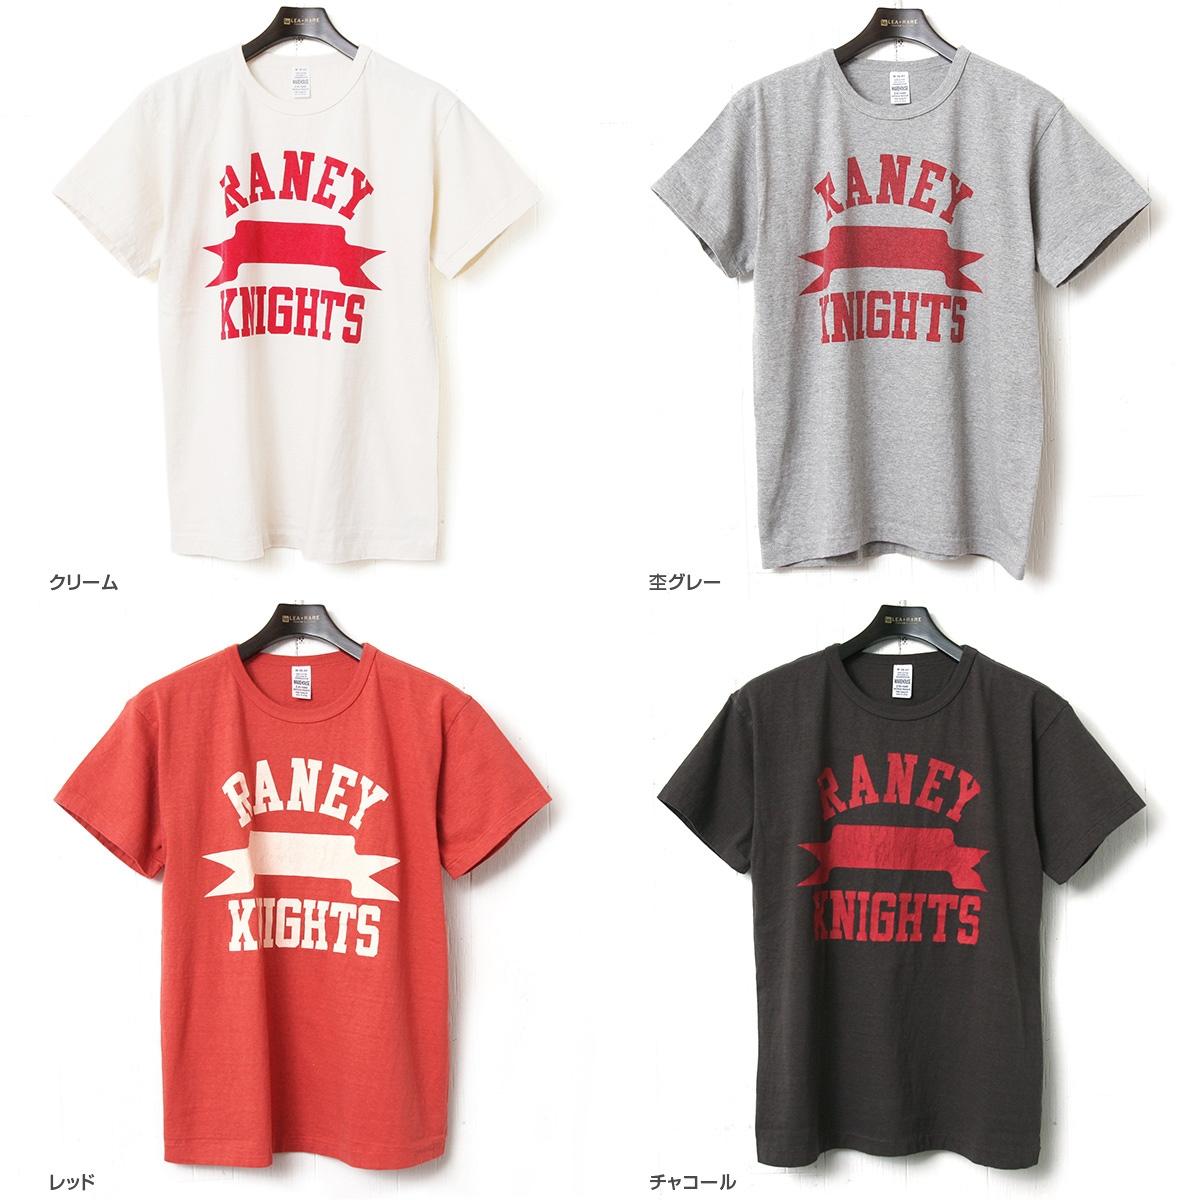 ウエアハウス WAREHOUSE 2nd hand Series プリントTシャツ 4064 [RANEY]